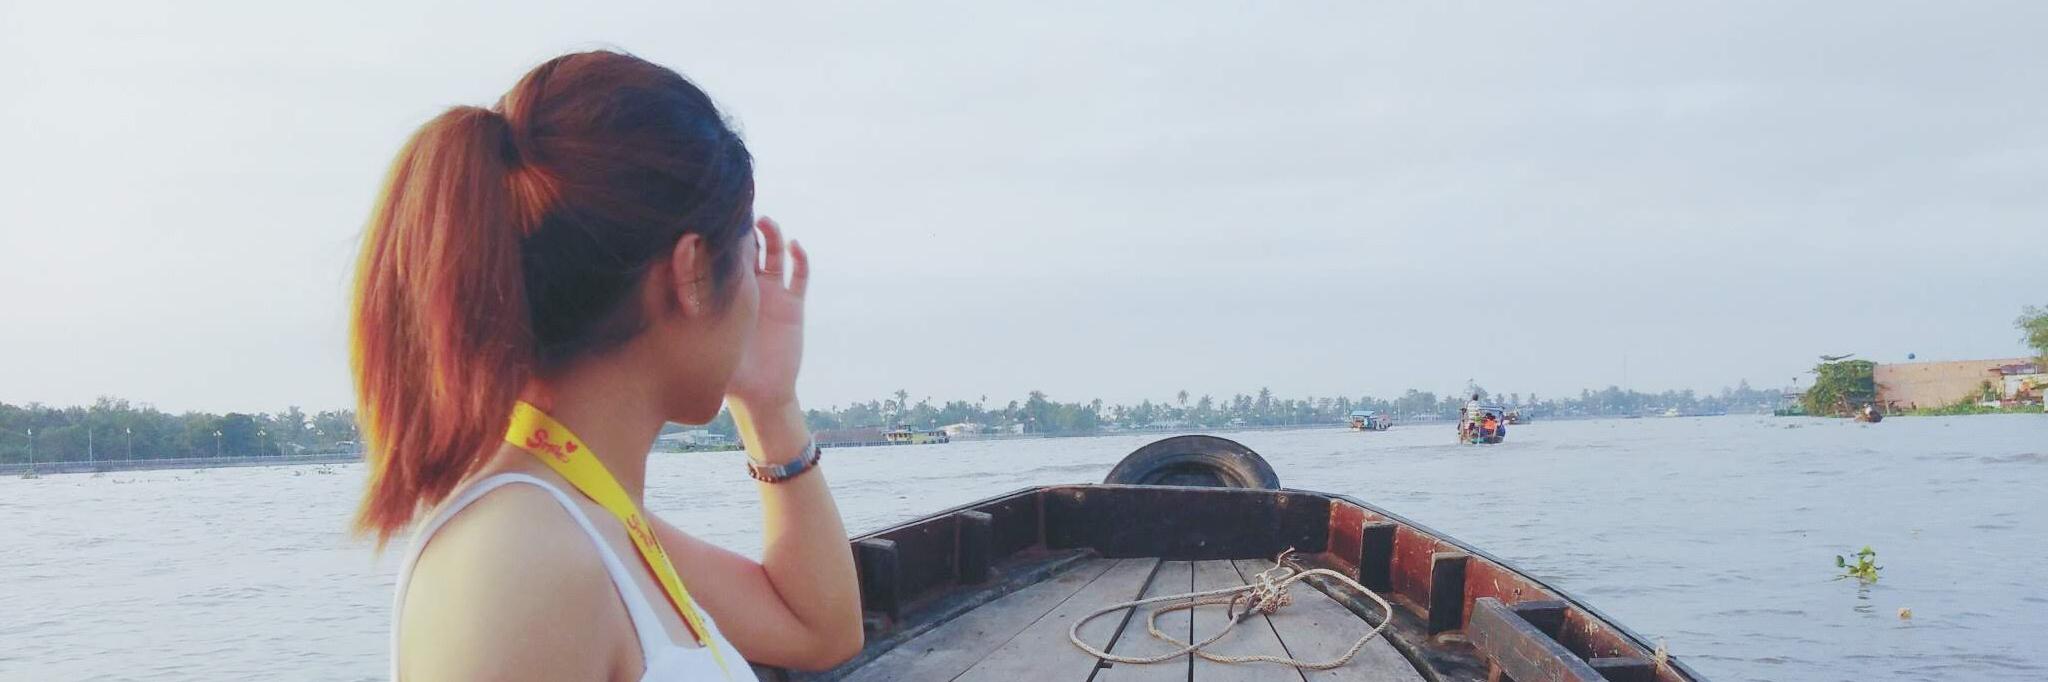 https://gody.vn/blog/kimthuex932301/post/kinh-nghiem-du-lich-can-tho-lan-dau-9090